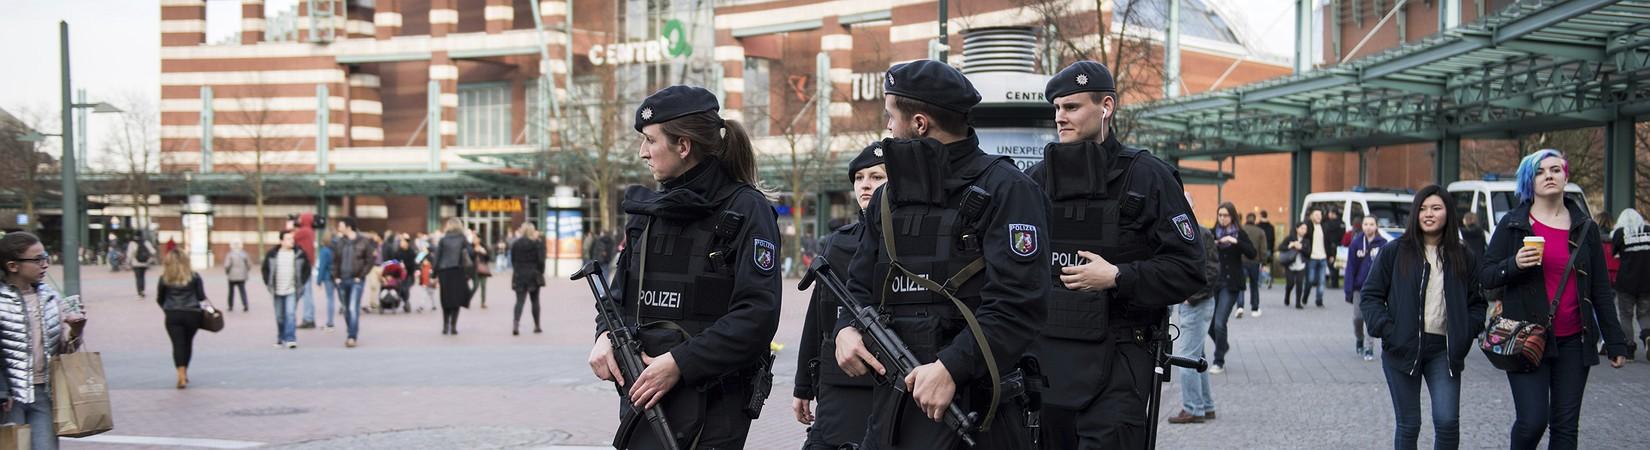 El Parlamento Europeo discute sobre la seguridad de sus ciudadanos